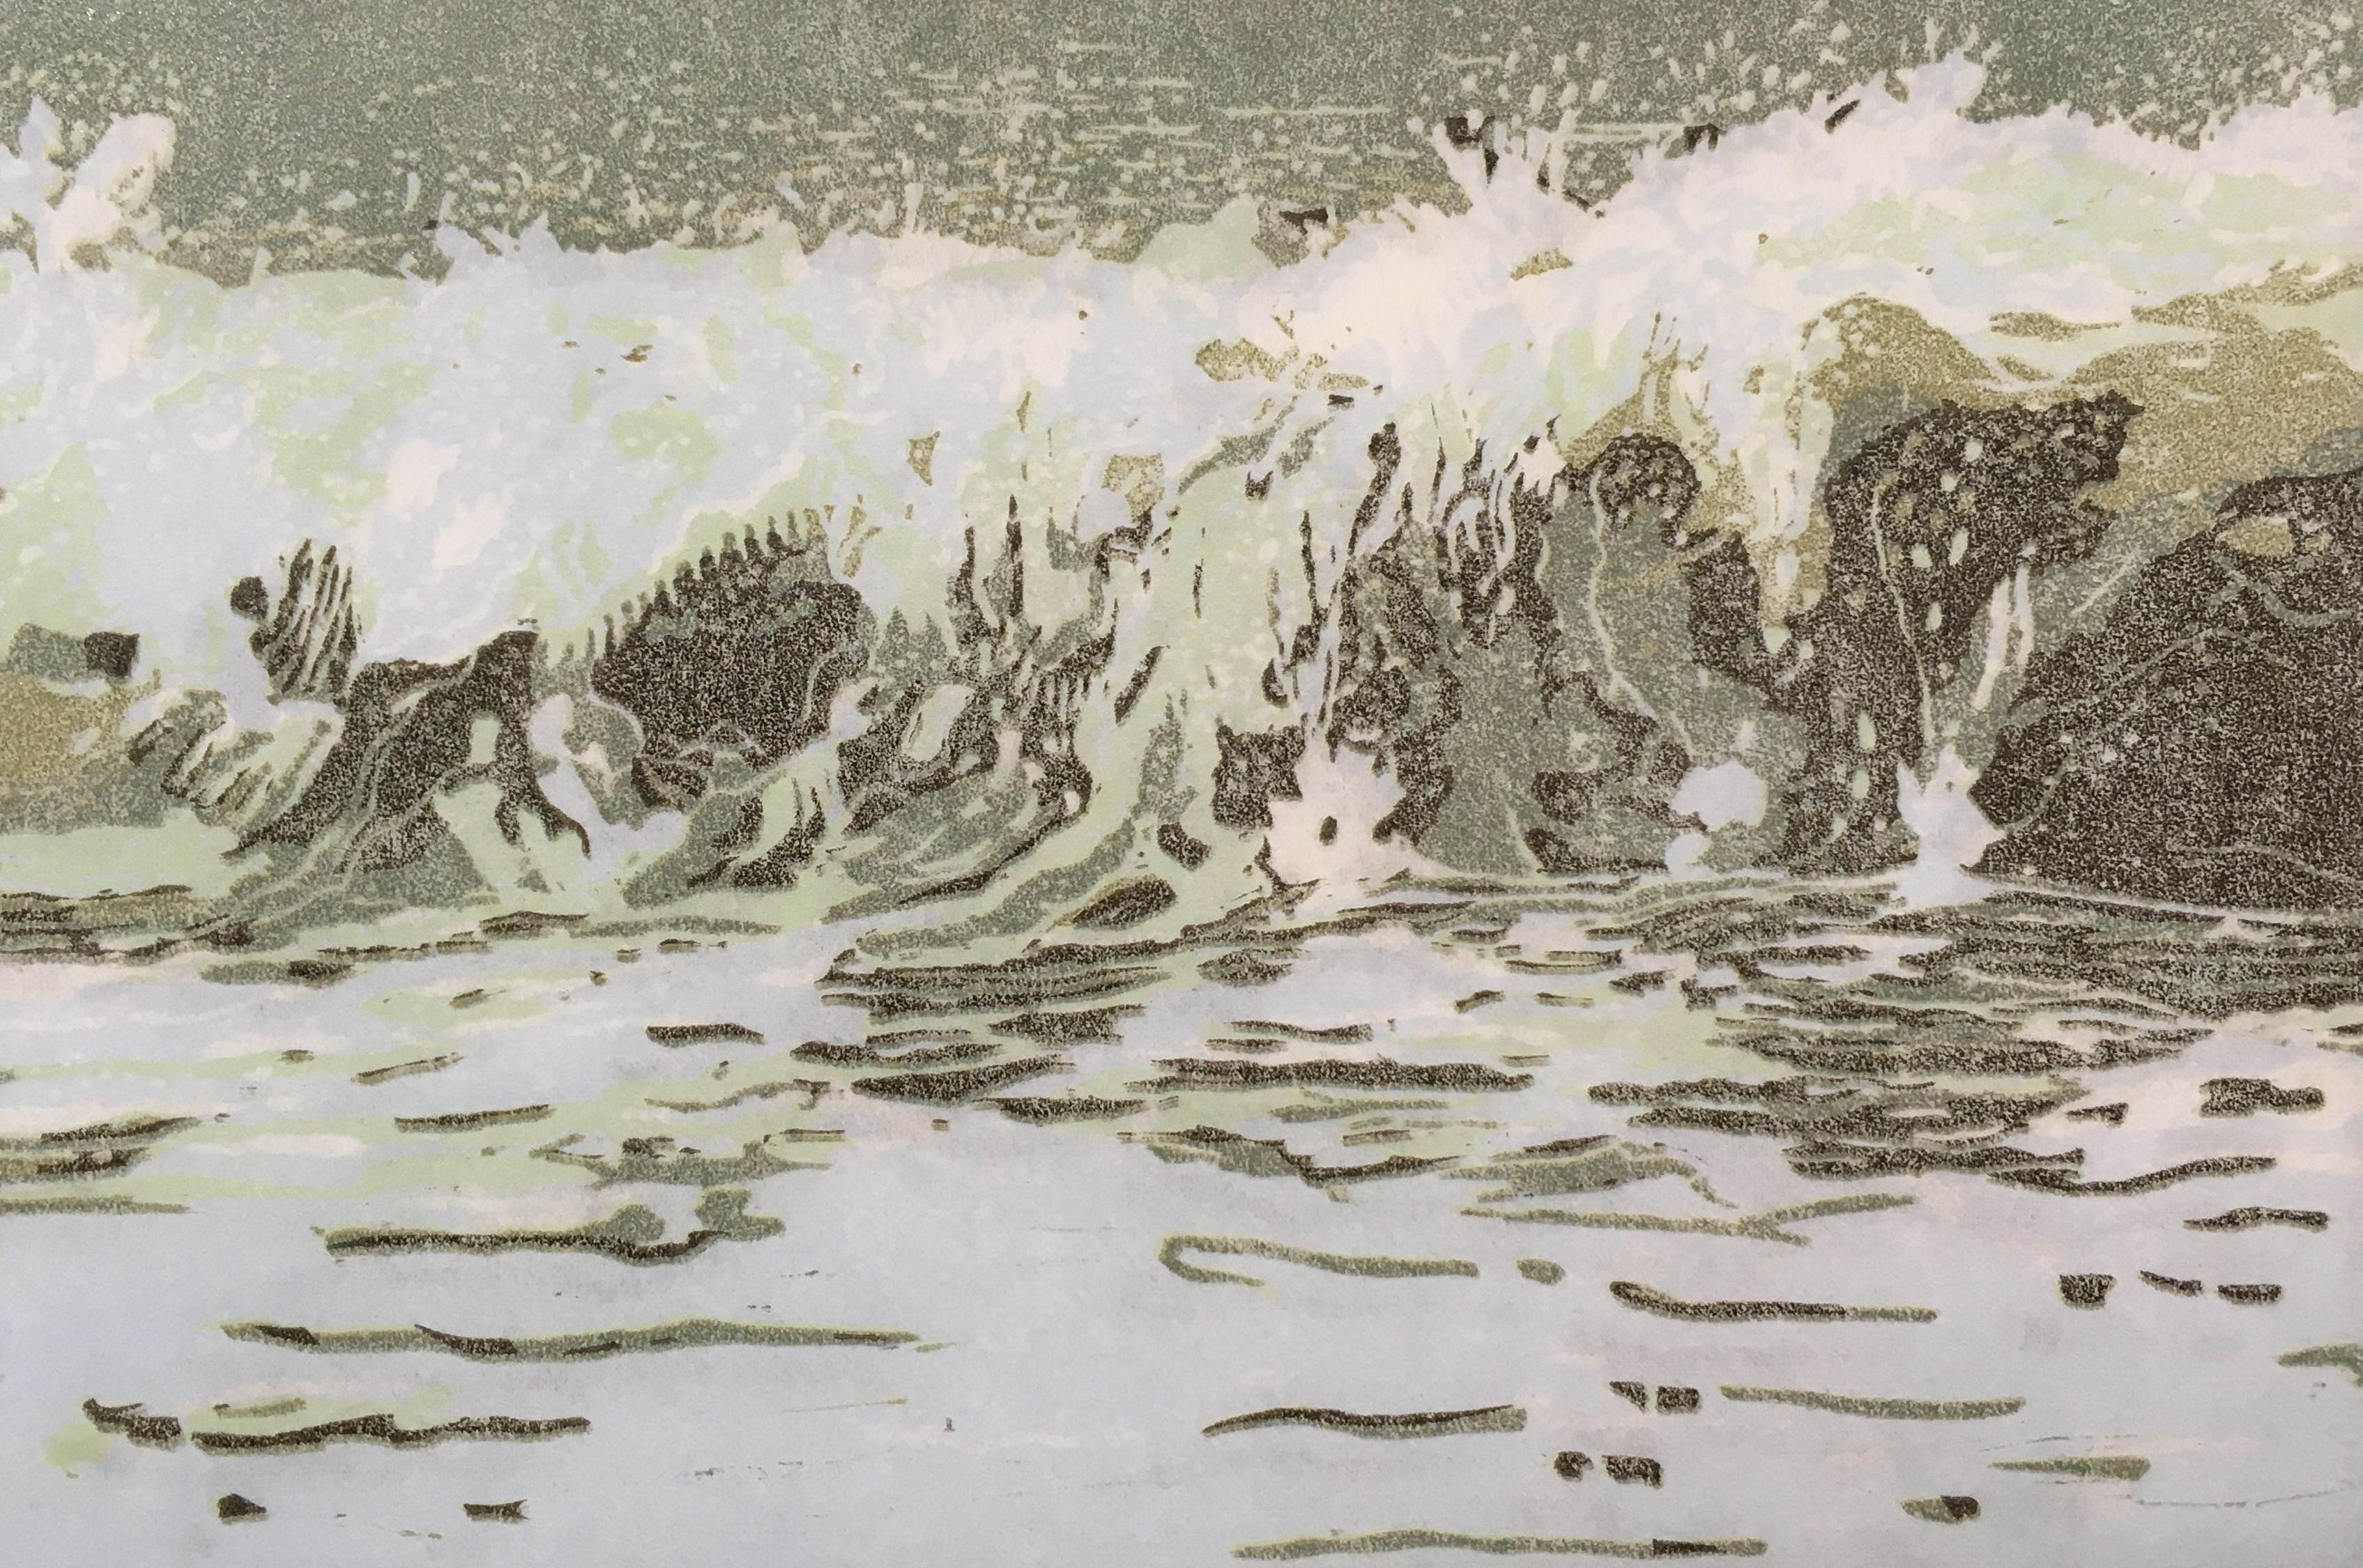 A Turbulent Sea III